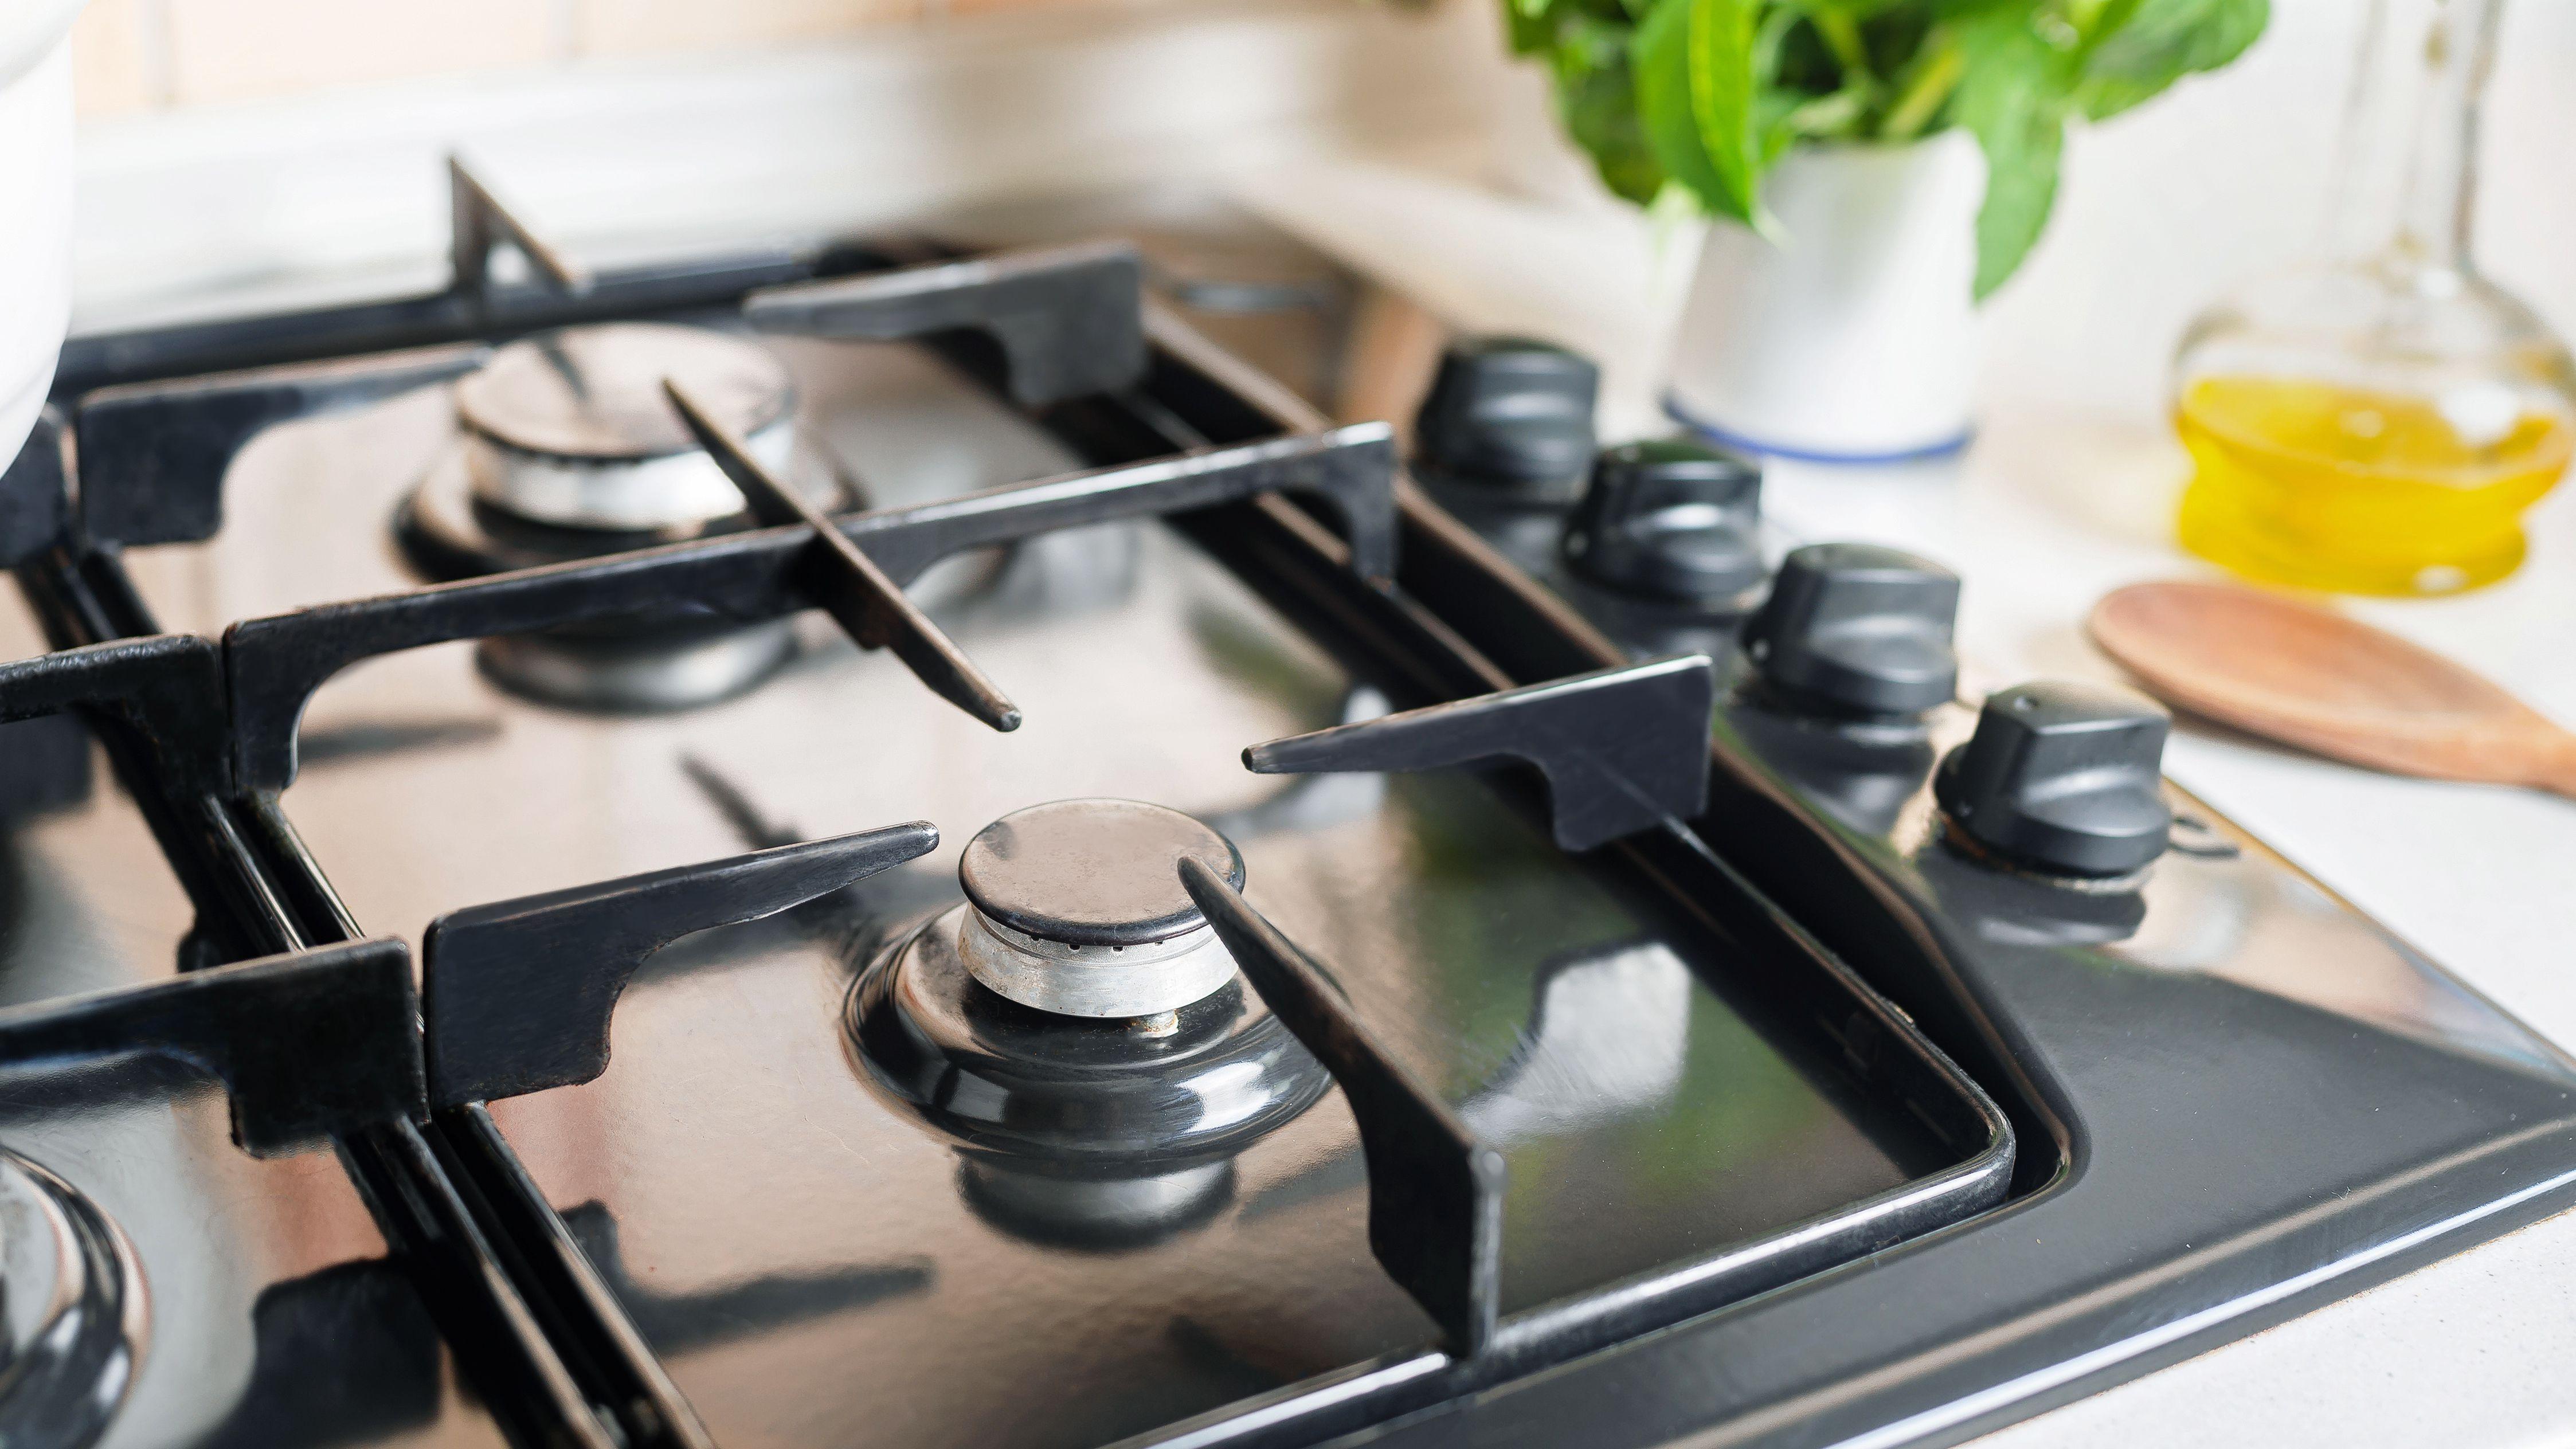 6 Tips Membersihkan Dapur Anti Ribet